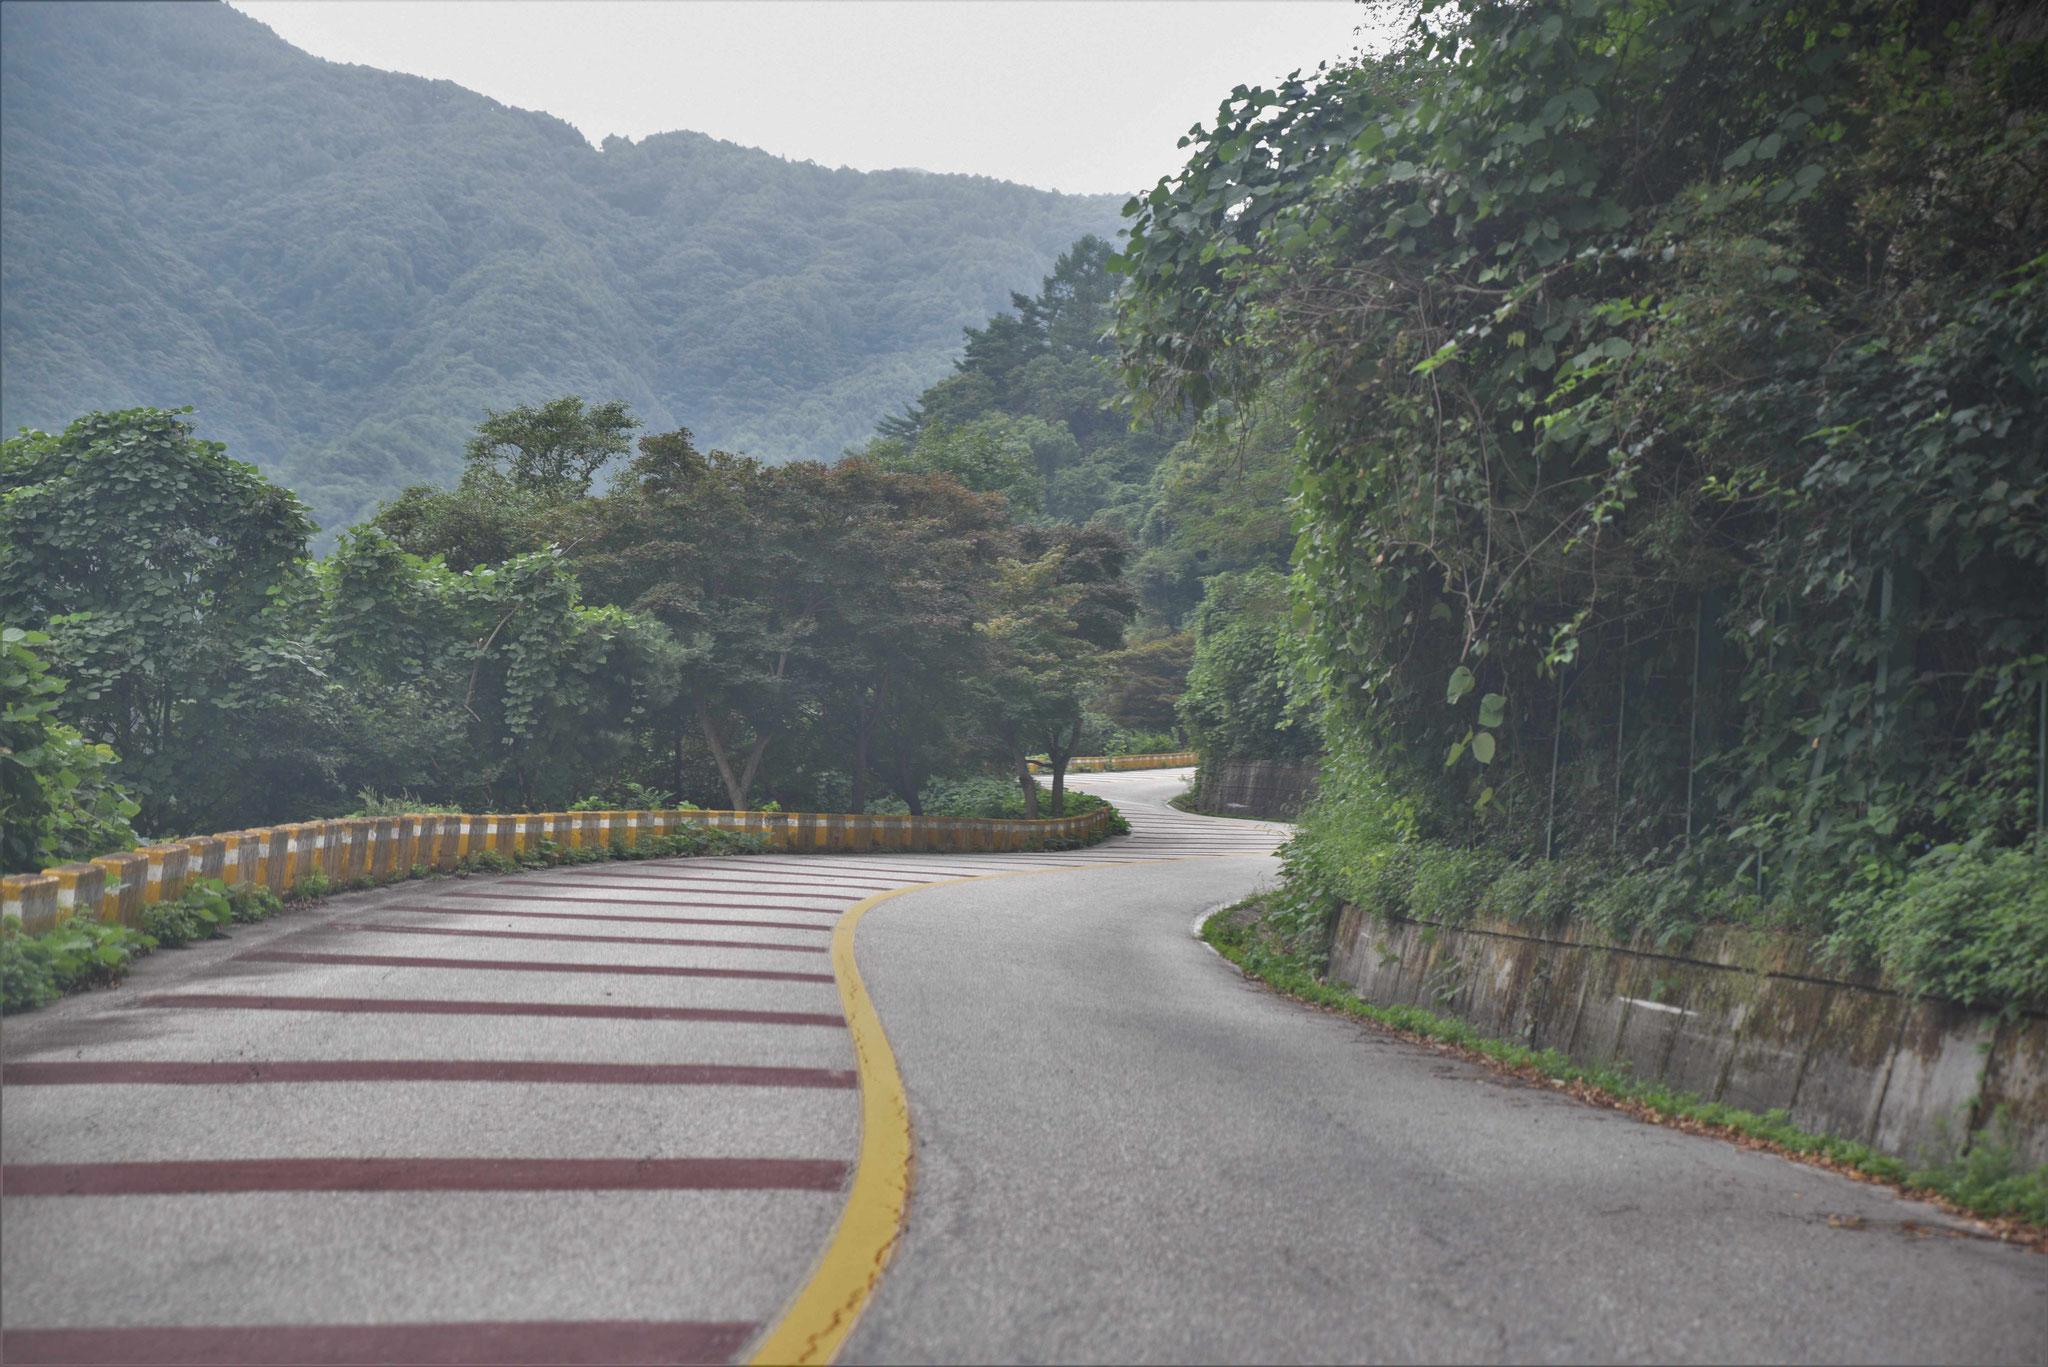 Die Talstrecke ist mit roten Querstreifen zum Entschleunigen